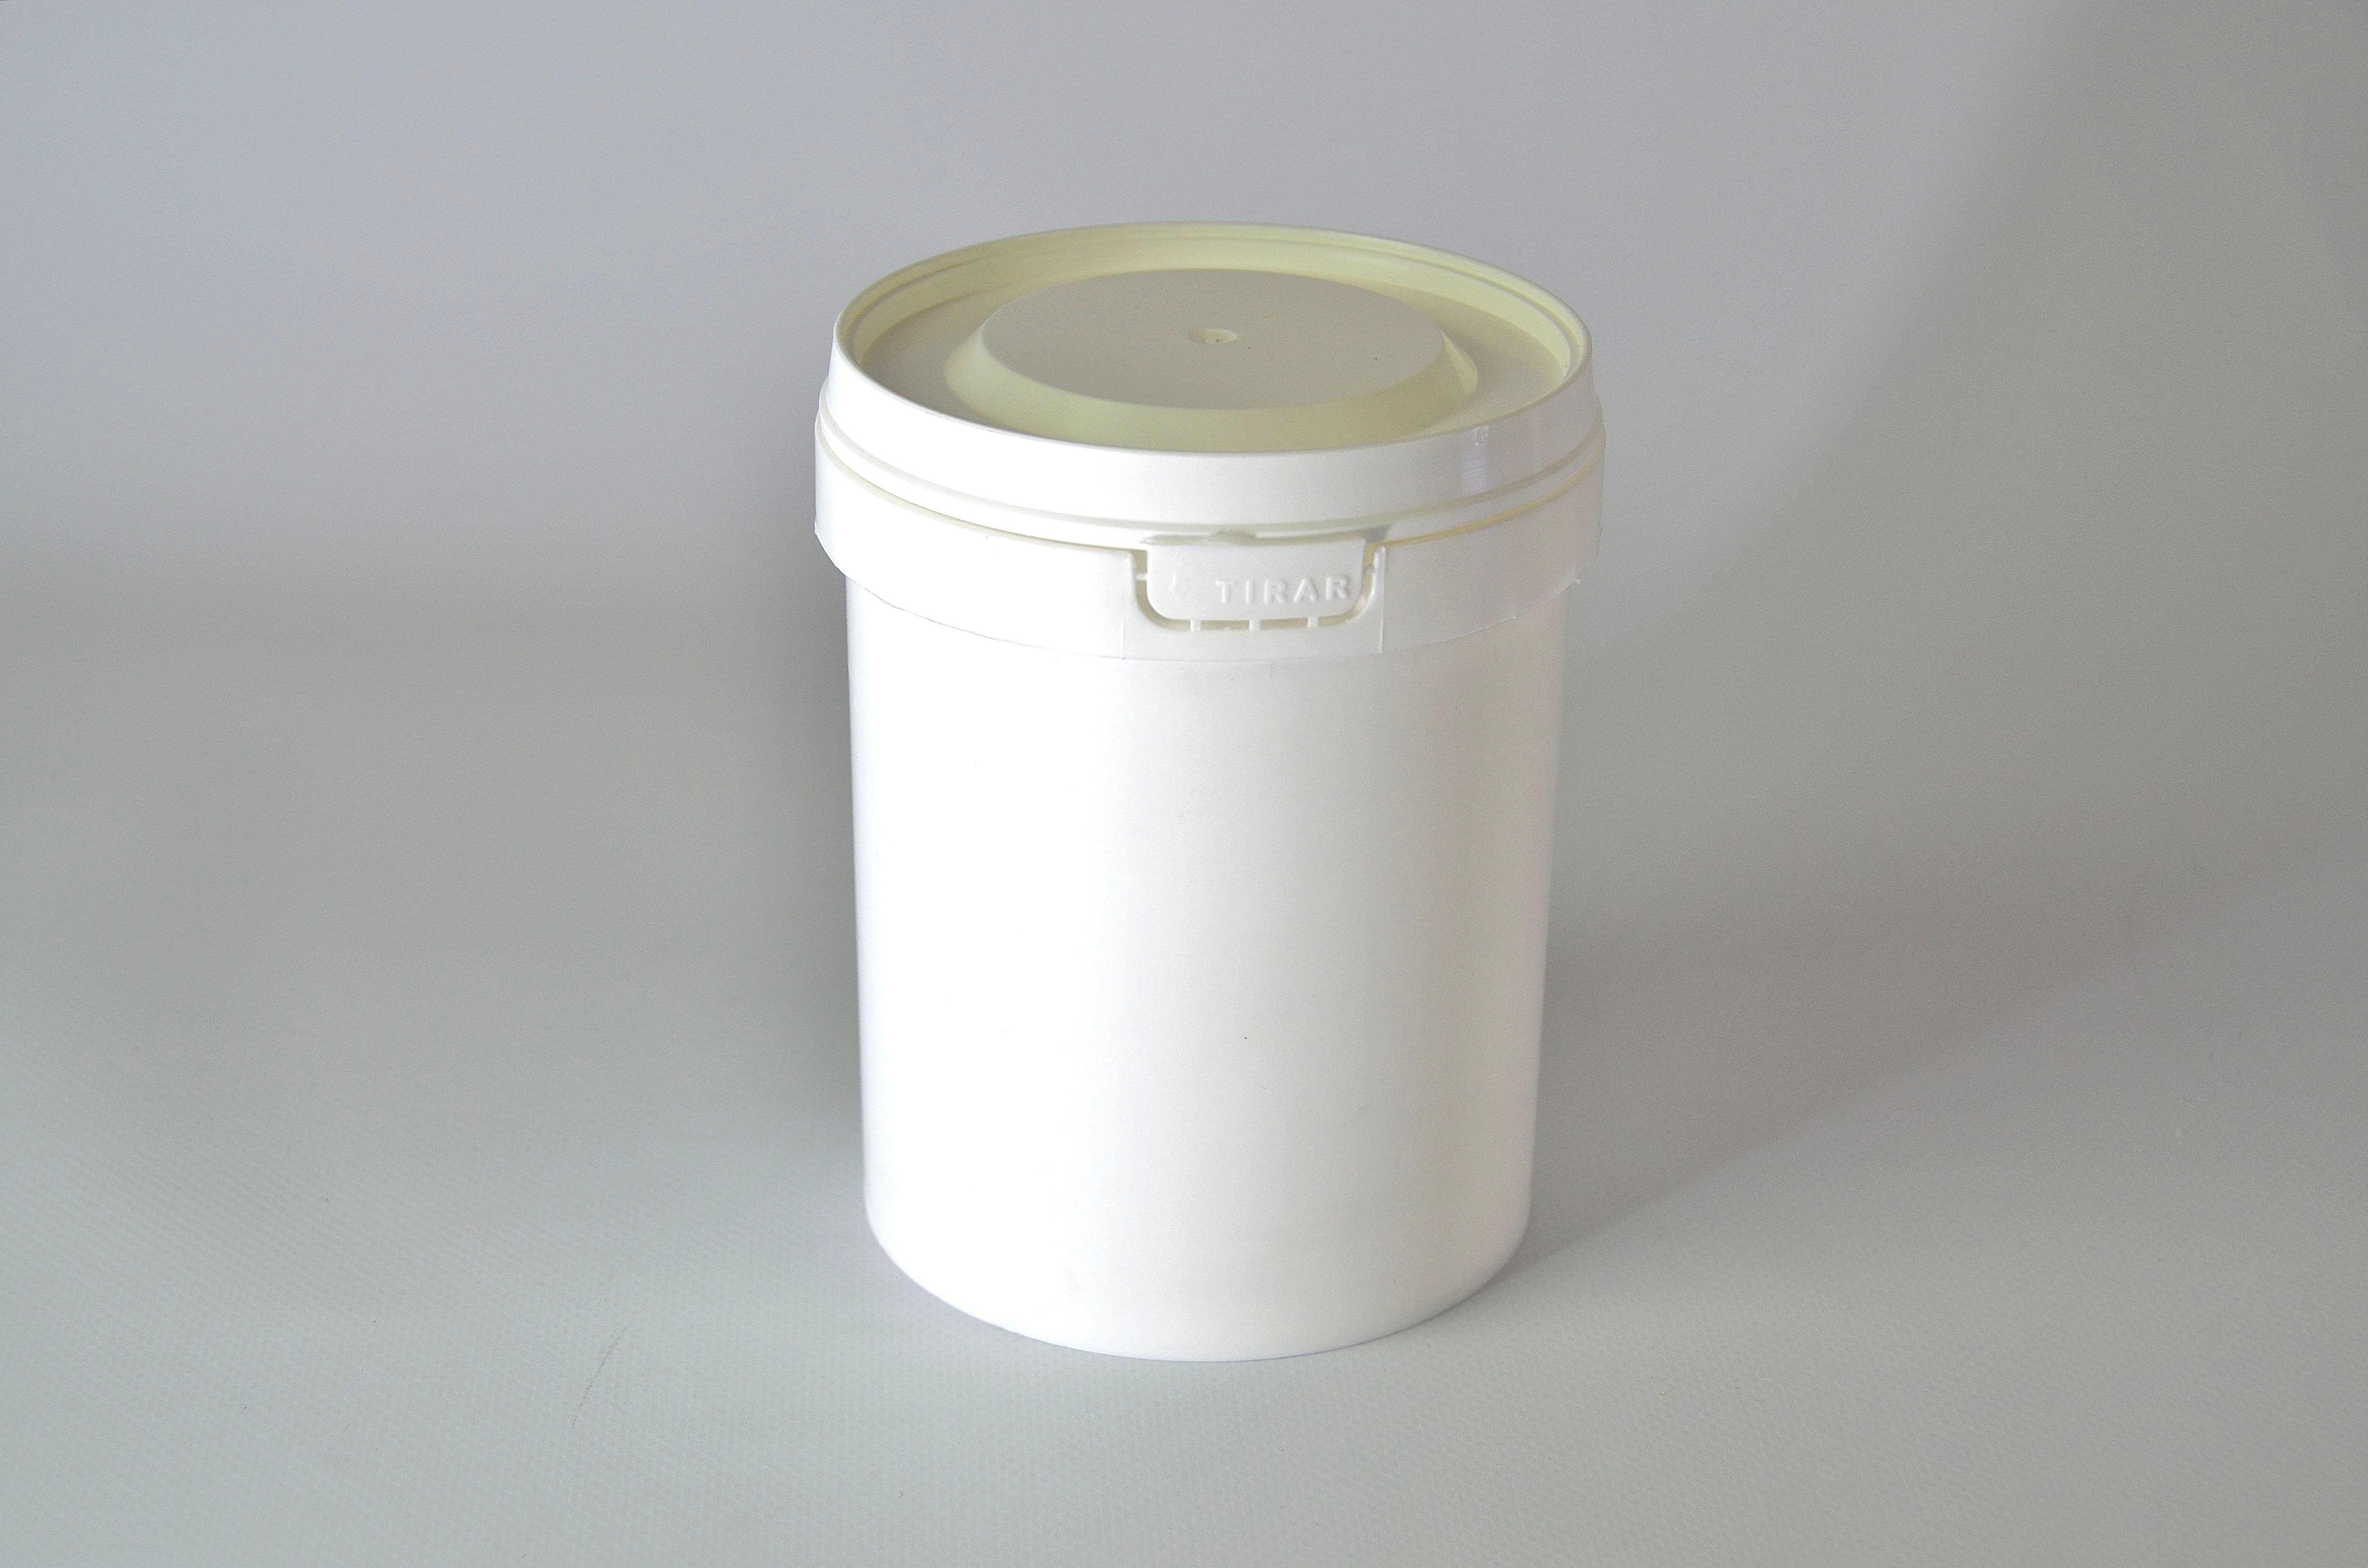 Envase pl stico cilindrico de 750 cc para pinturas pl sticas envases plasticos pinterest - Pintura para plastico ...